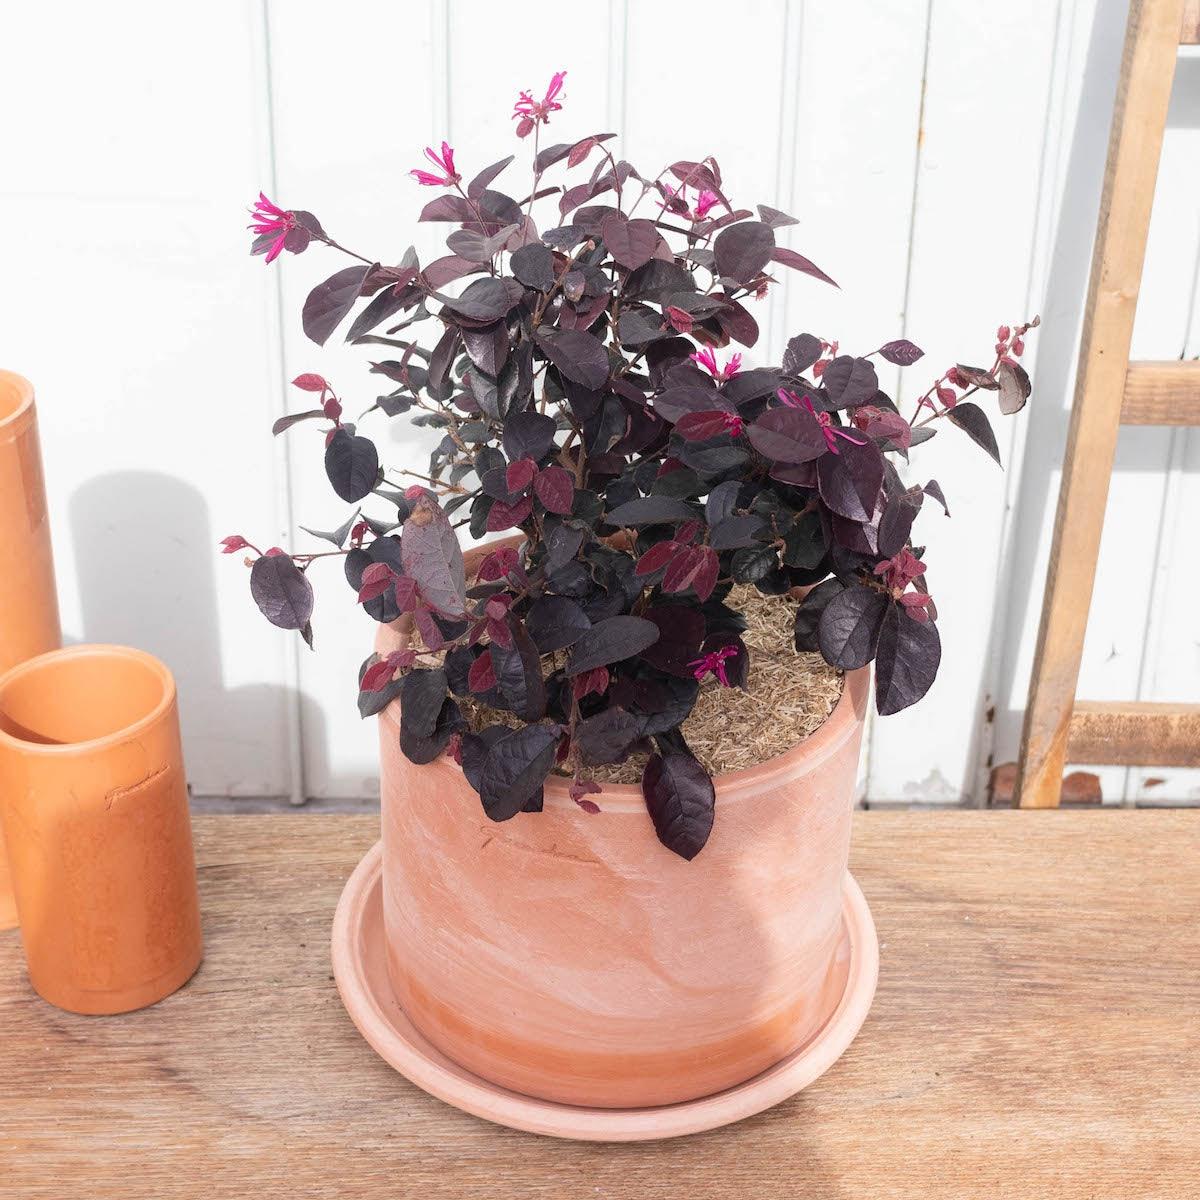 Corentine et son pot Goicoechea - Hibiscus 'Pink Giant'